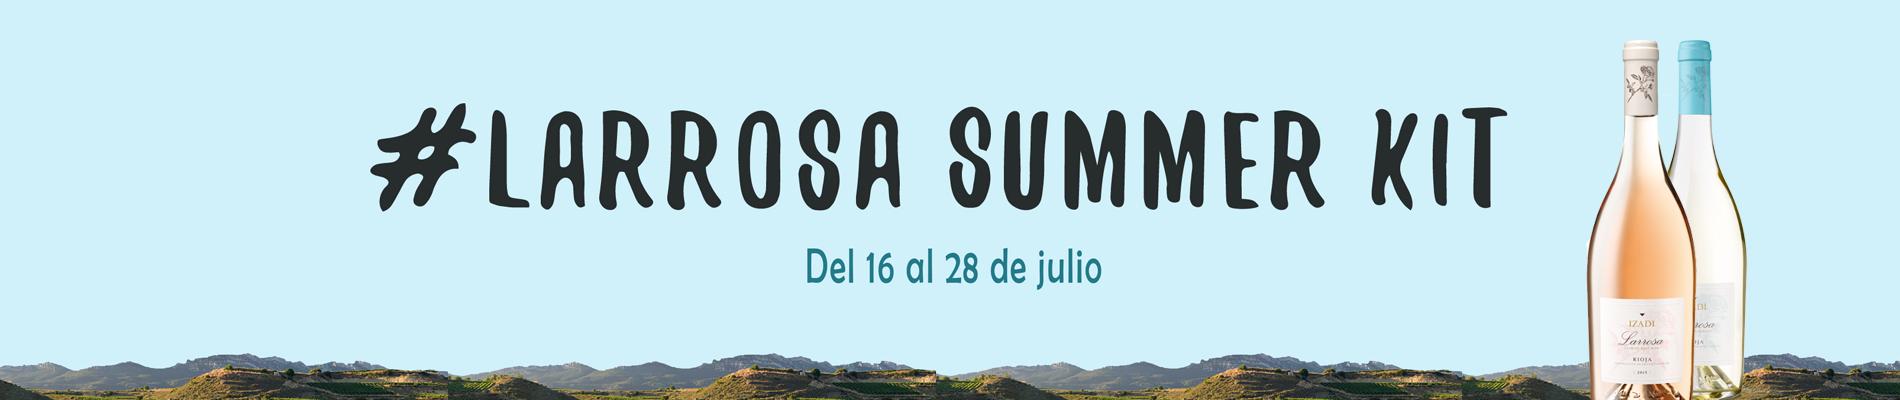 Larrosa summer kit banner